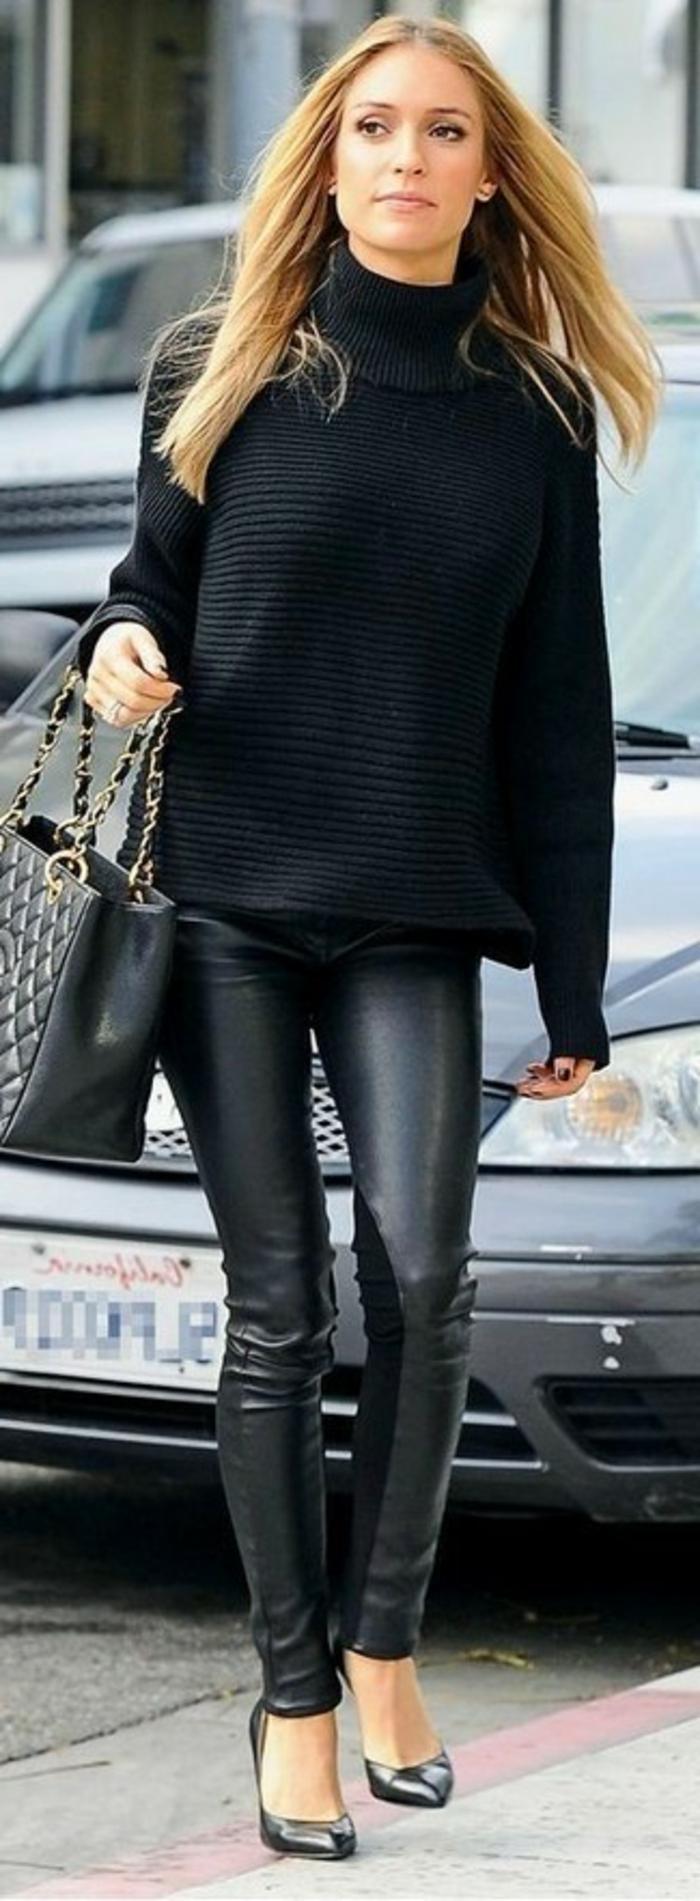 jessica-alba-outfit-pantalone-stretto-pelle-scarpe-decoltè-maglione-nero-large-capelli-negligè-borsa-manico-catena